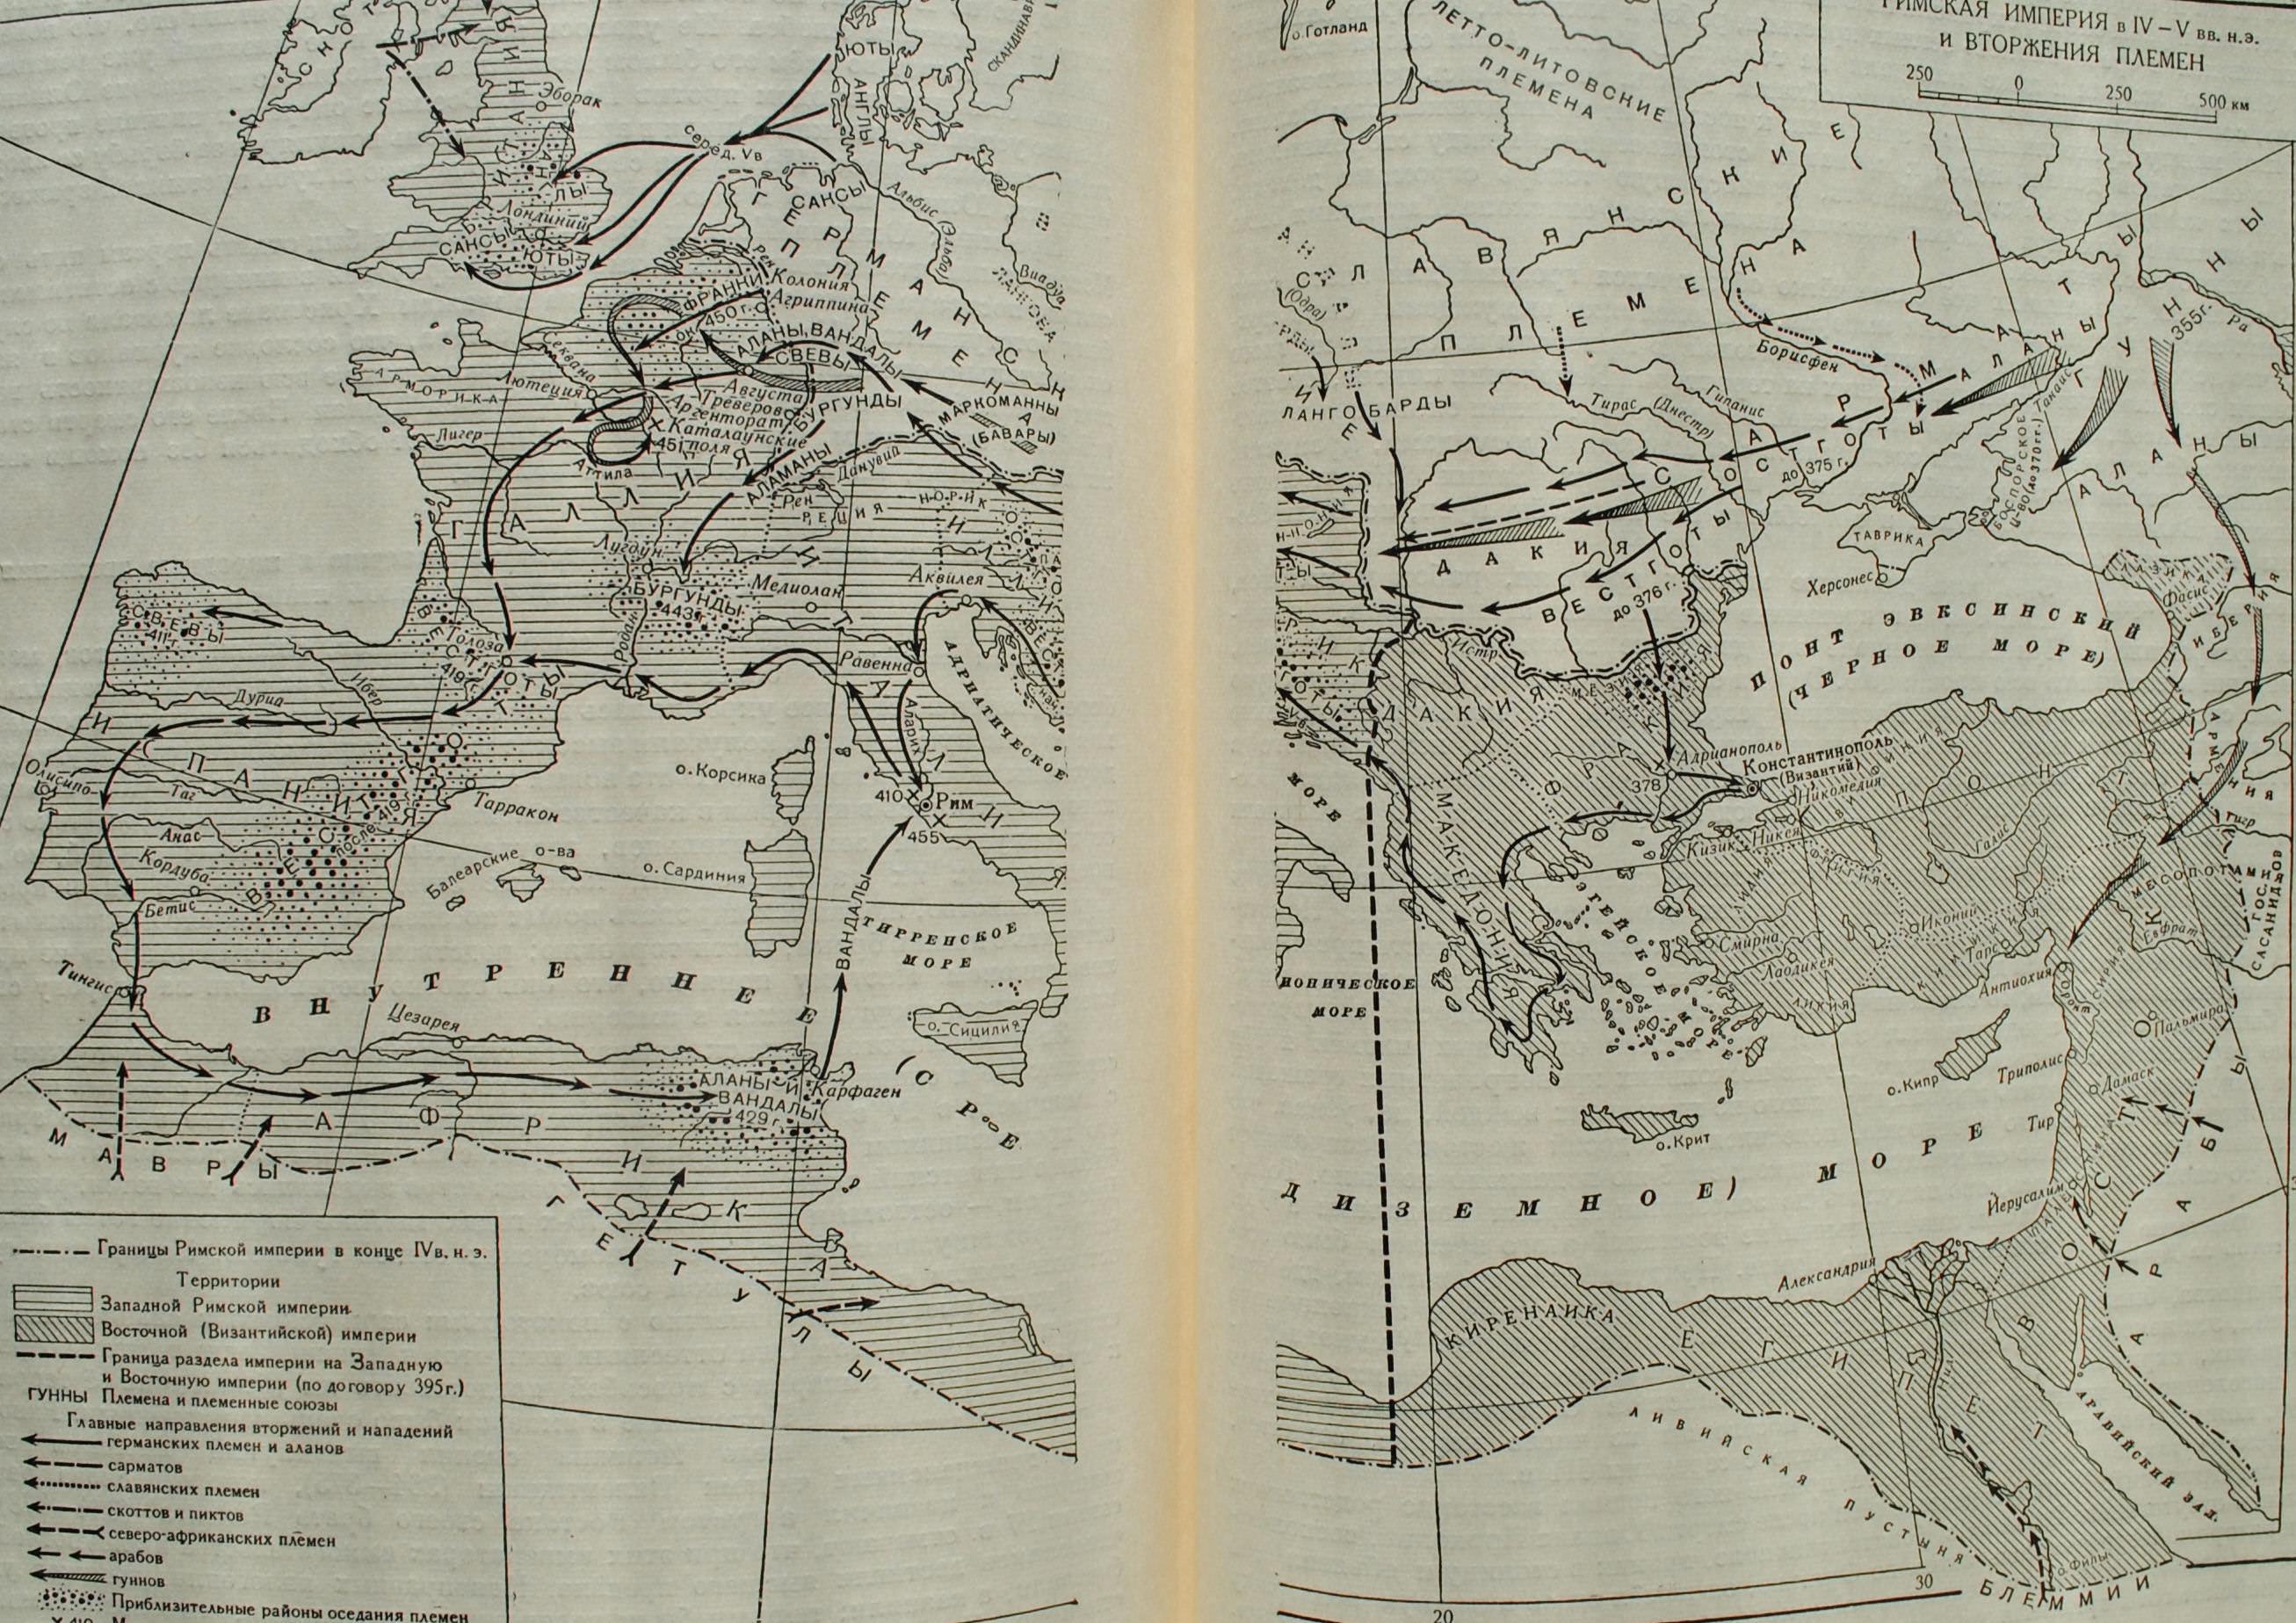 Римская империя в IV - V  вв. н.э. и вторжения племен